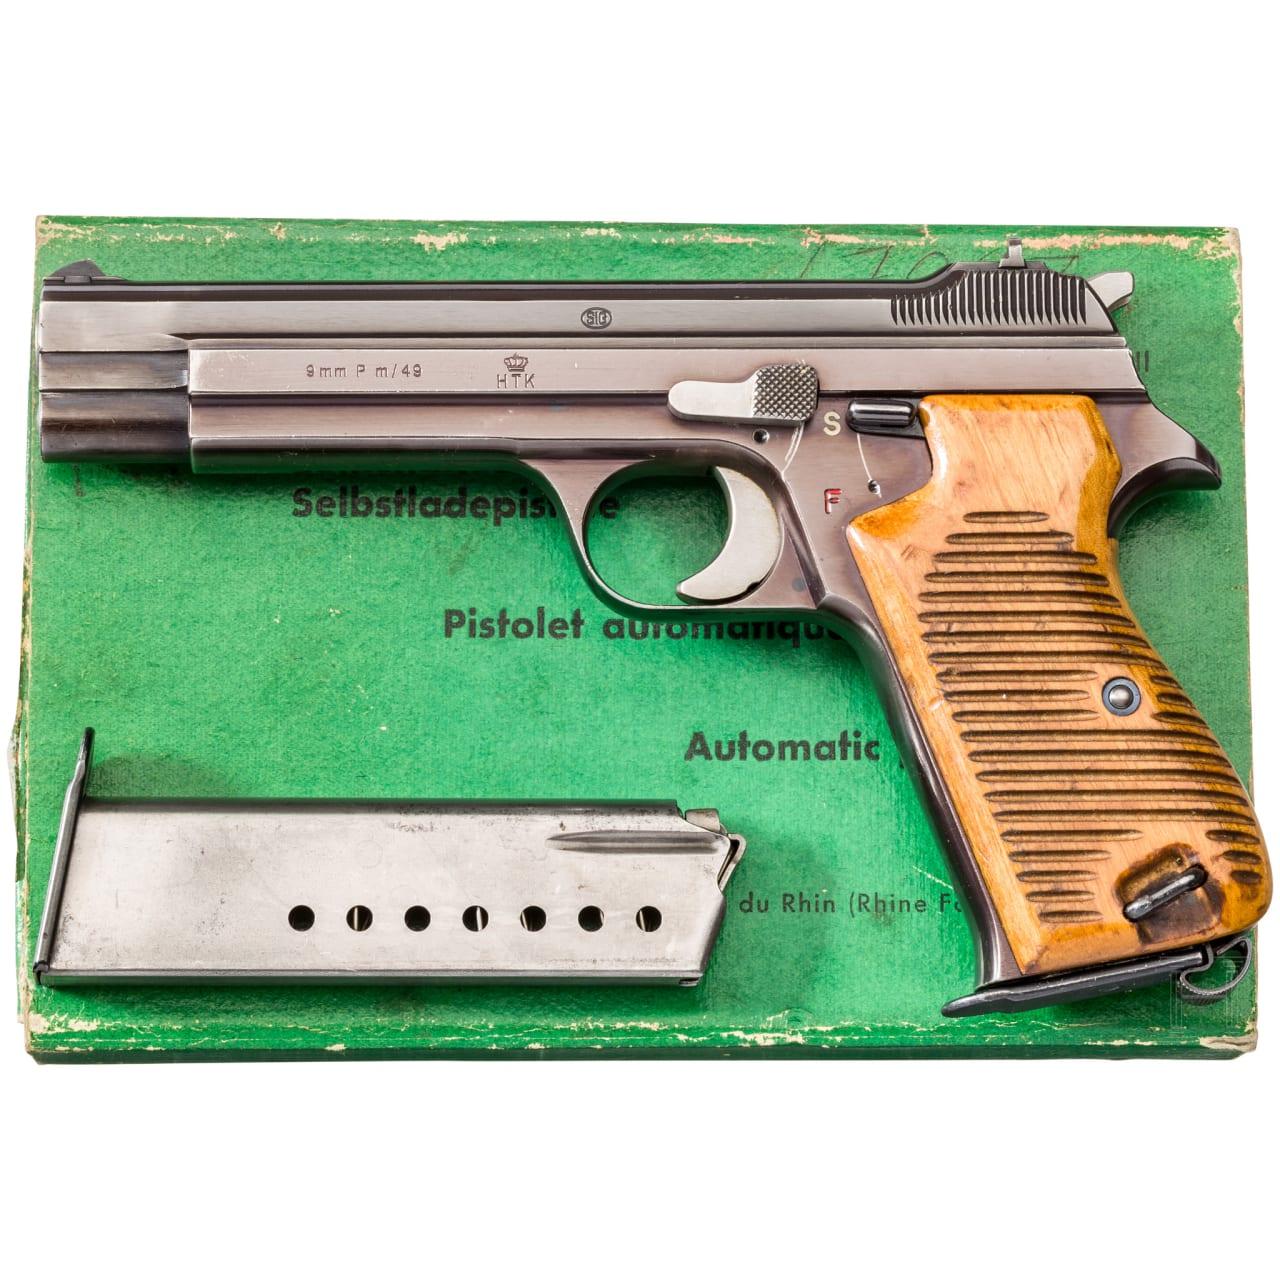 SIG P 210 HTK (P m/49), im Karton